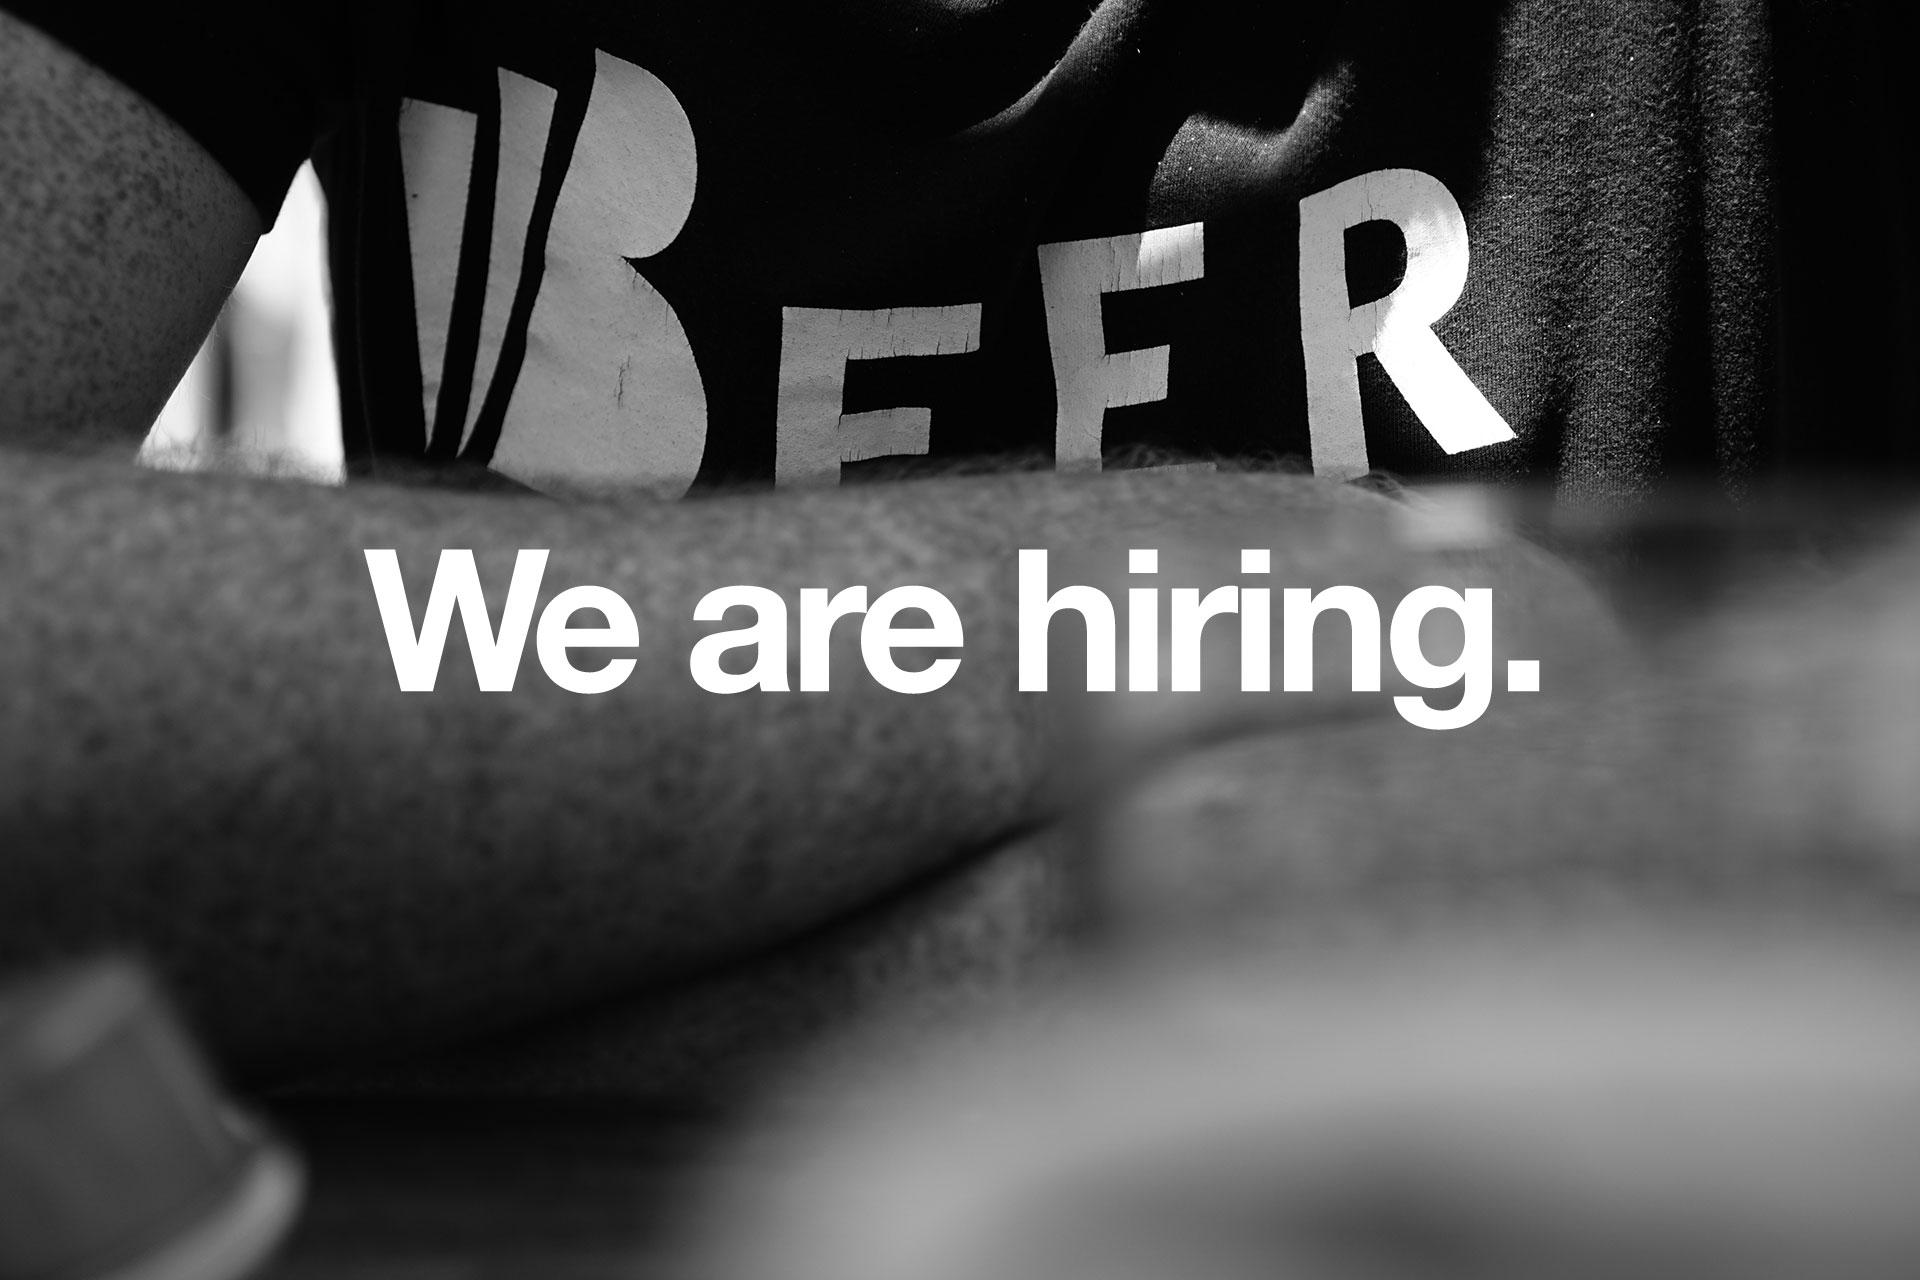 Beerbliotek We are hiring